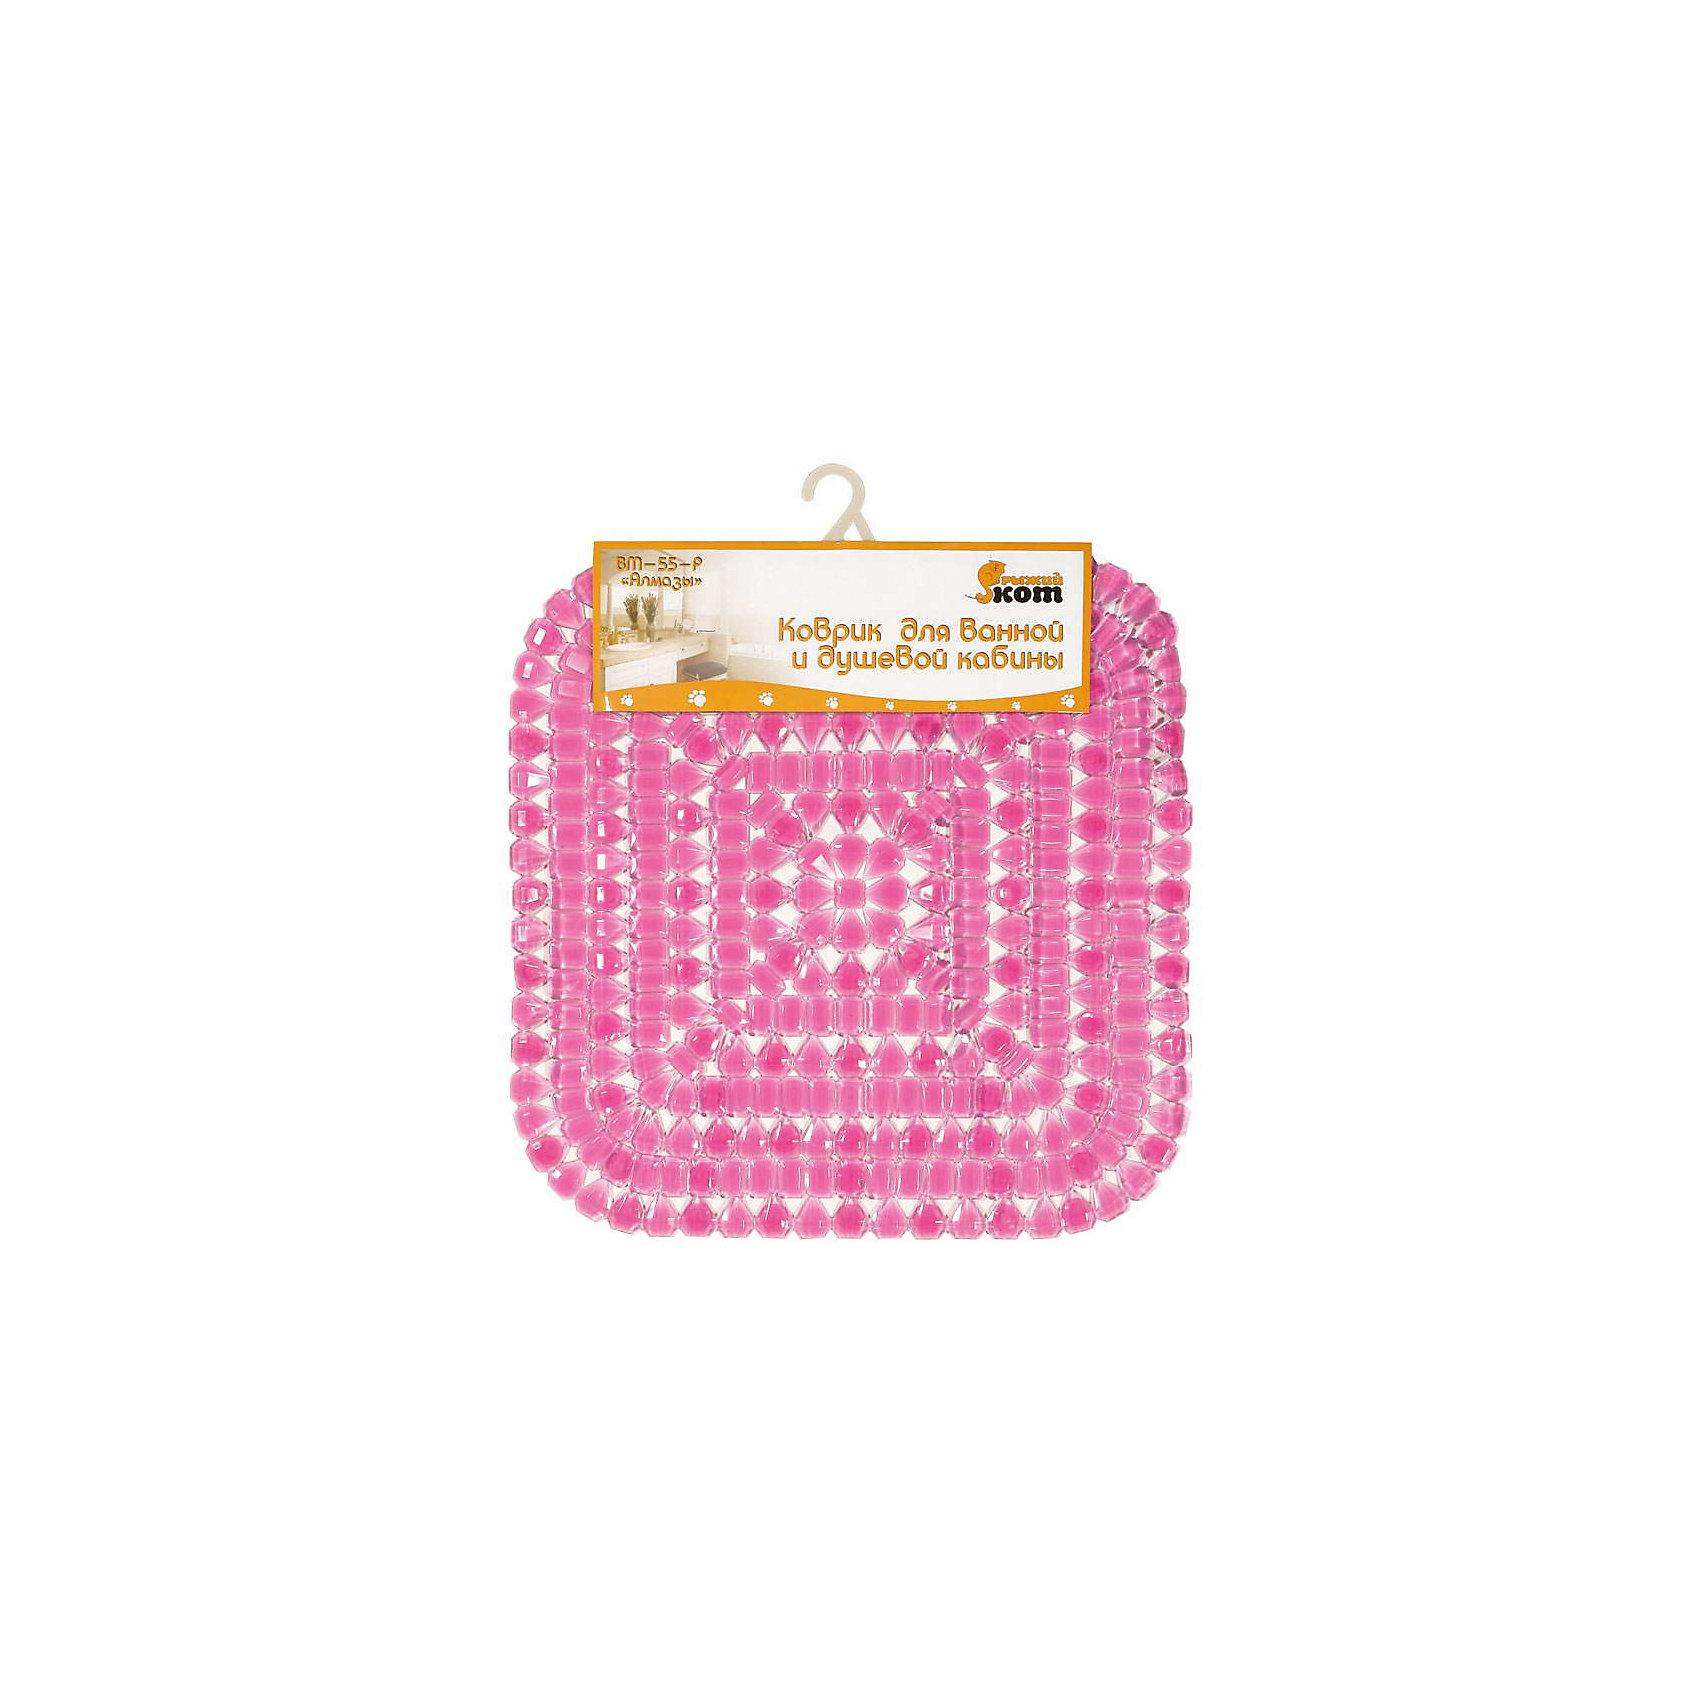 Коврик для ванной BM-55-P «Алмазы» квадратный, 50*50 см, Рыжий Кот, розовыйВанная комната<br>Мягкий коврик для купания стелется на дно душевой кабины или ванны, присоски крепко прилипают ко дну. Ребристая поверхность коврика не позволяет ноге скользить по мокрой поверхности ванны. <br><br>Дополнительная информация:<br><br>Размер коврика: 50х50 см<br>Тип крепления: на присосках<br>Материал: ПВХ 100%<br><br>Коврик для ванной BM-55-P «Алмазы» квадратный, 50*50 см, Рыжий Кот, розовый можно купить в нашем интернет-магазине.<br><br>Ширина мм: 495<br>Глубина мм: 494<br>Высота мм: 8<br>Вес г: 705<br>Возраст от месяцев: 6<br>Возраст до месяцев: 1080<br>Пол: Унисекс<br>Возраст: Детский<br>SKU: 4989799